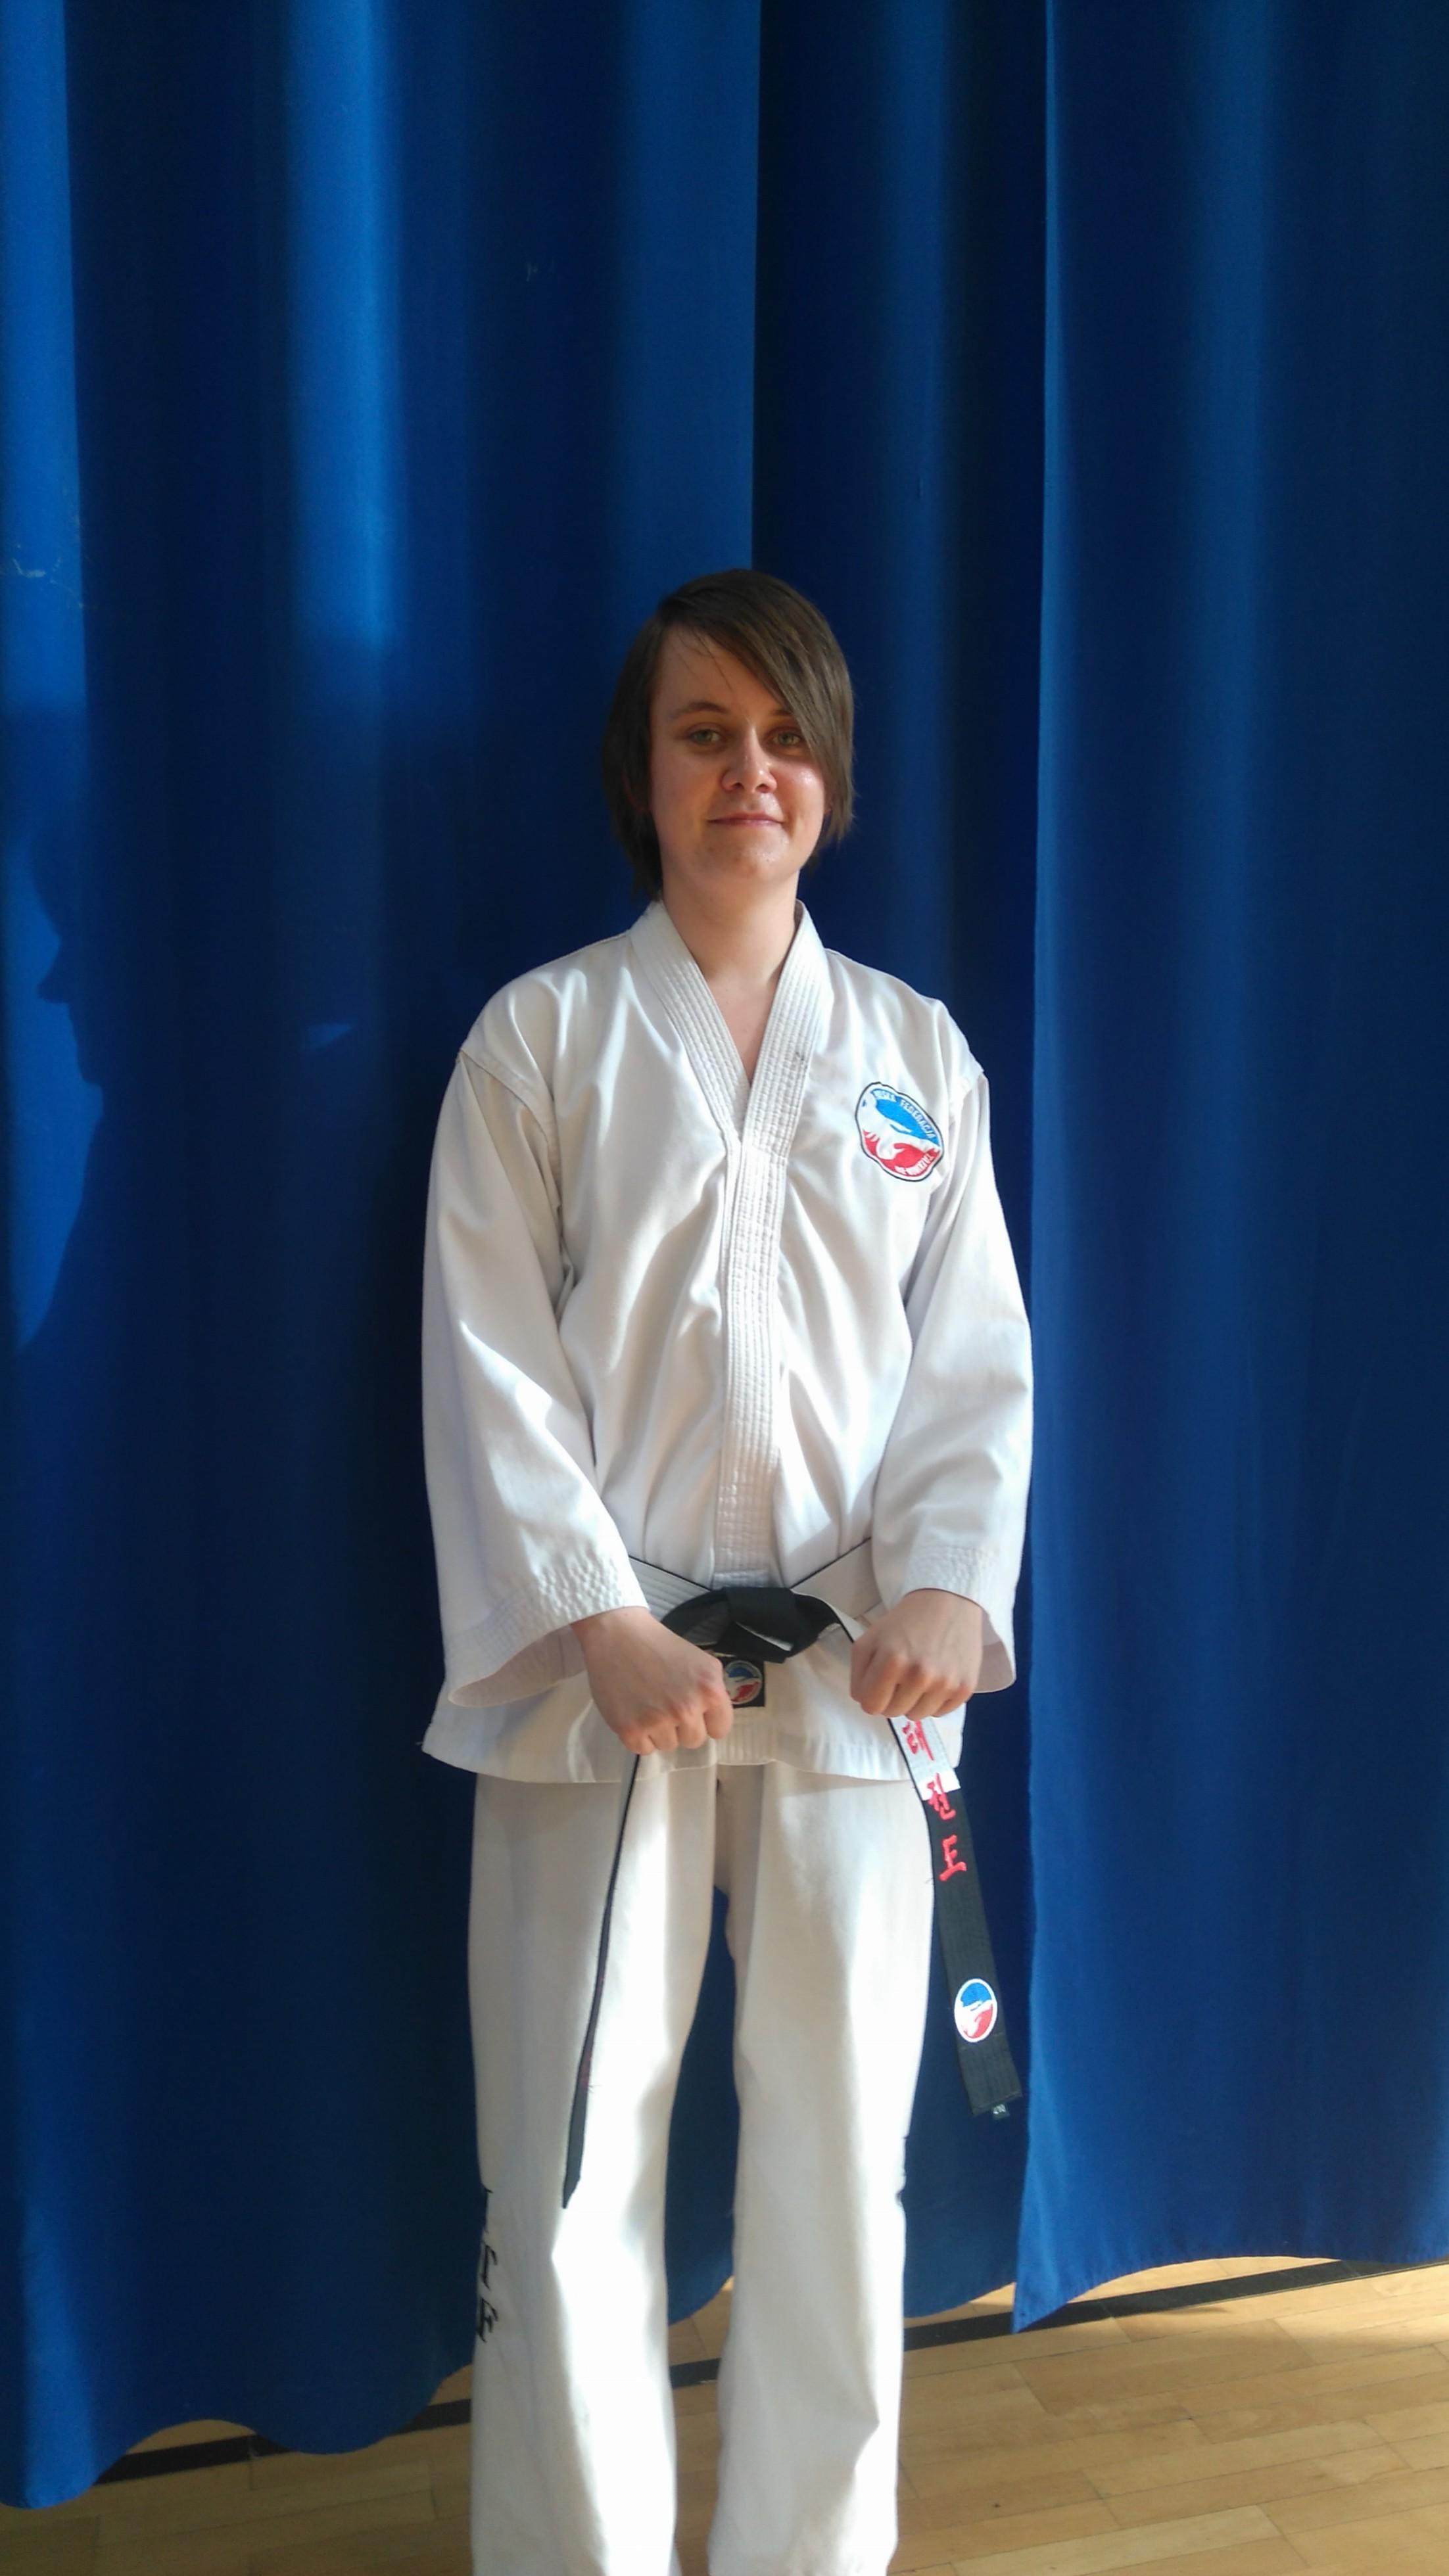 Asystenci Taekwondo Toruń Gromowski, Weronika Brzozowska